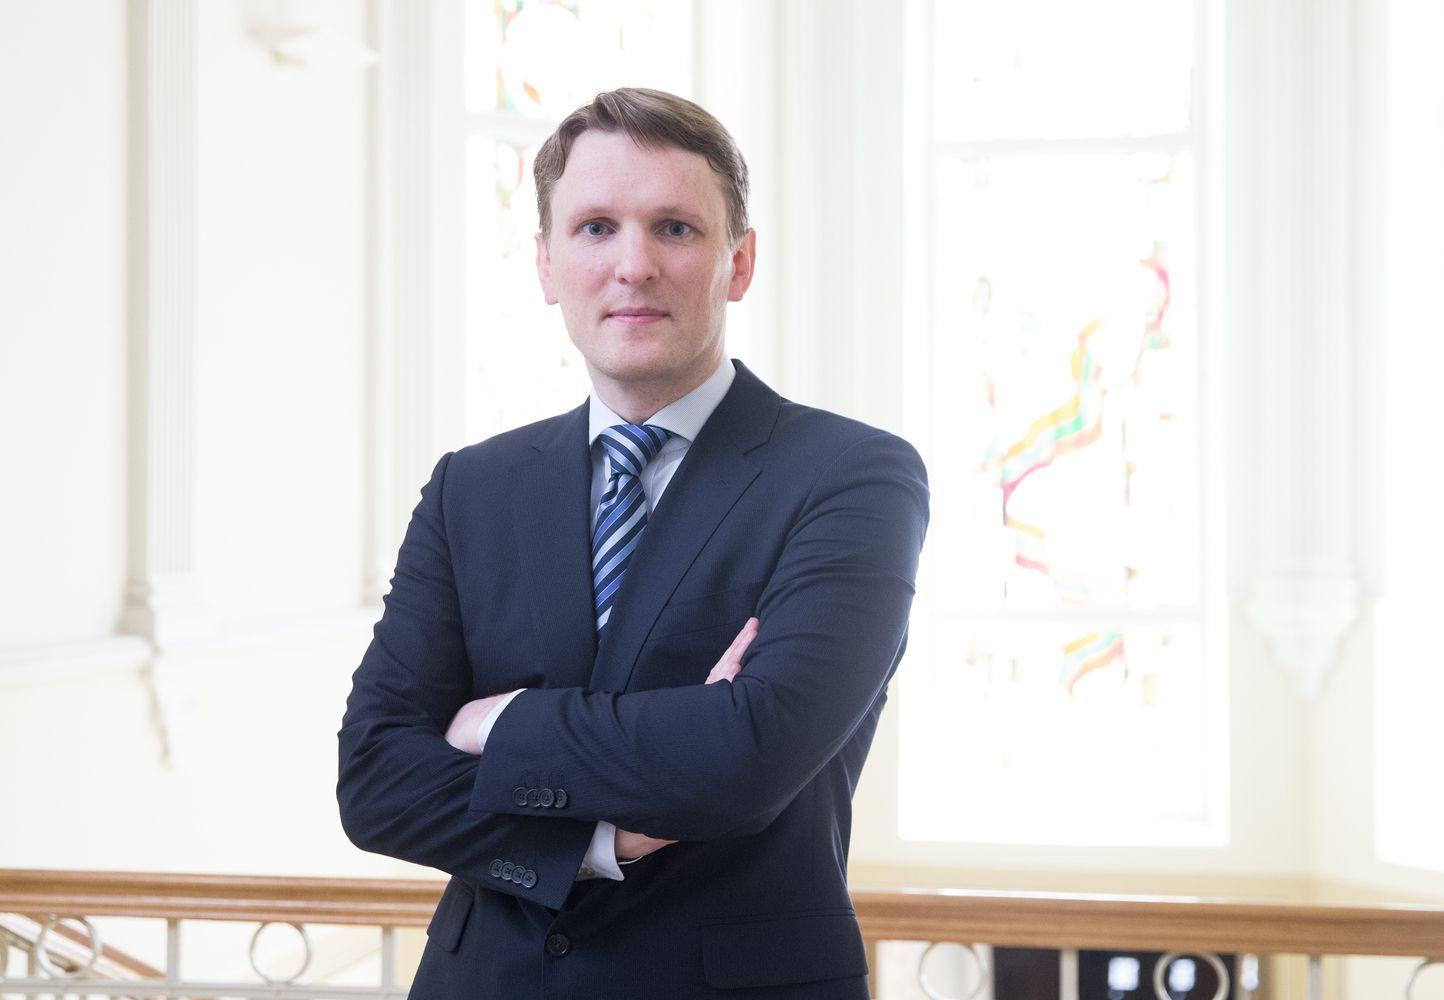 Lietuvos banko investicijos: 35 mln. Eur prieaugis, žada naujovių